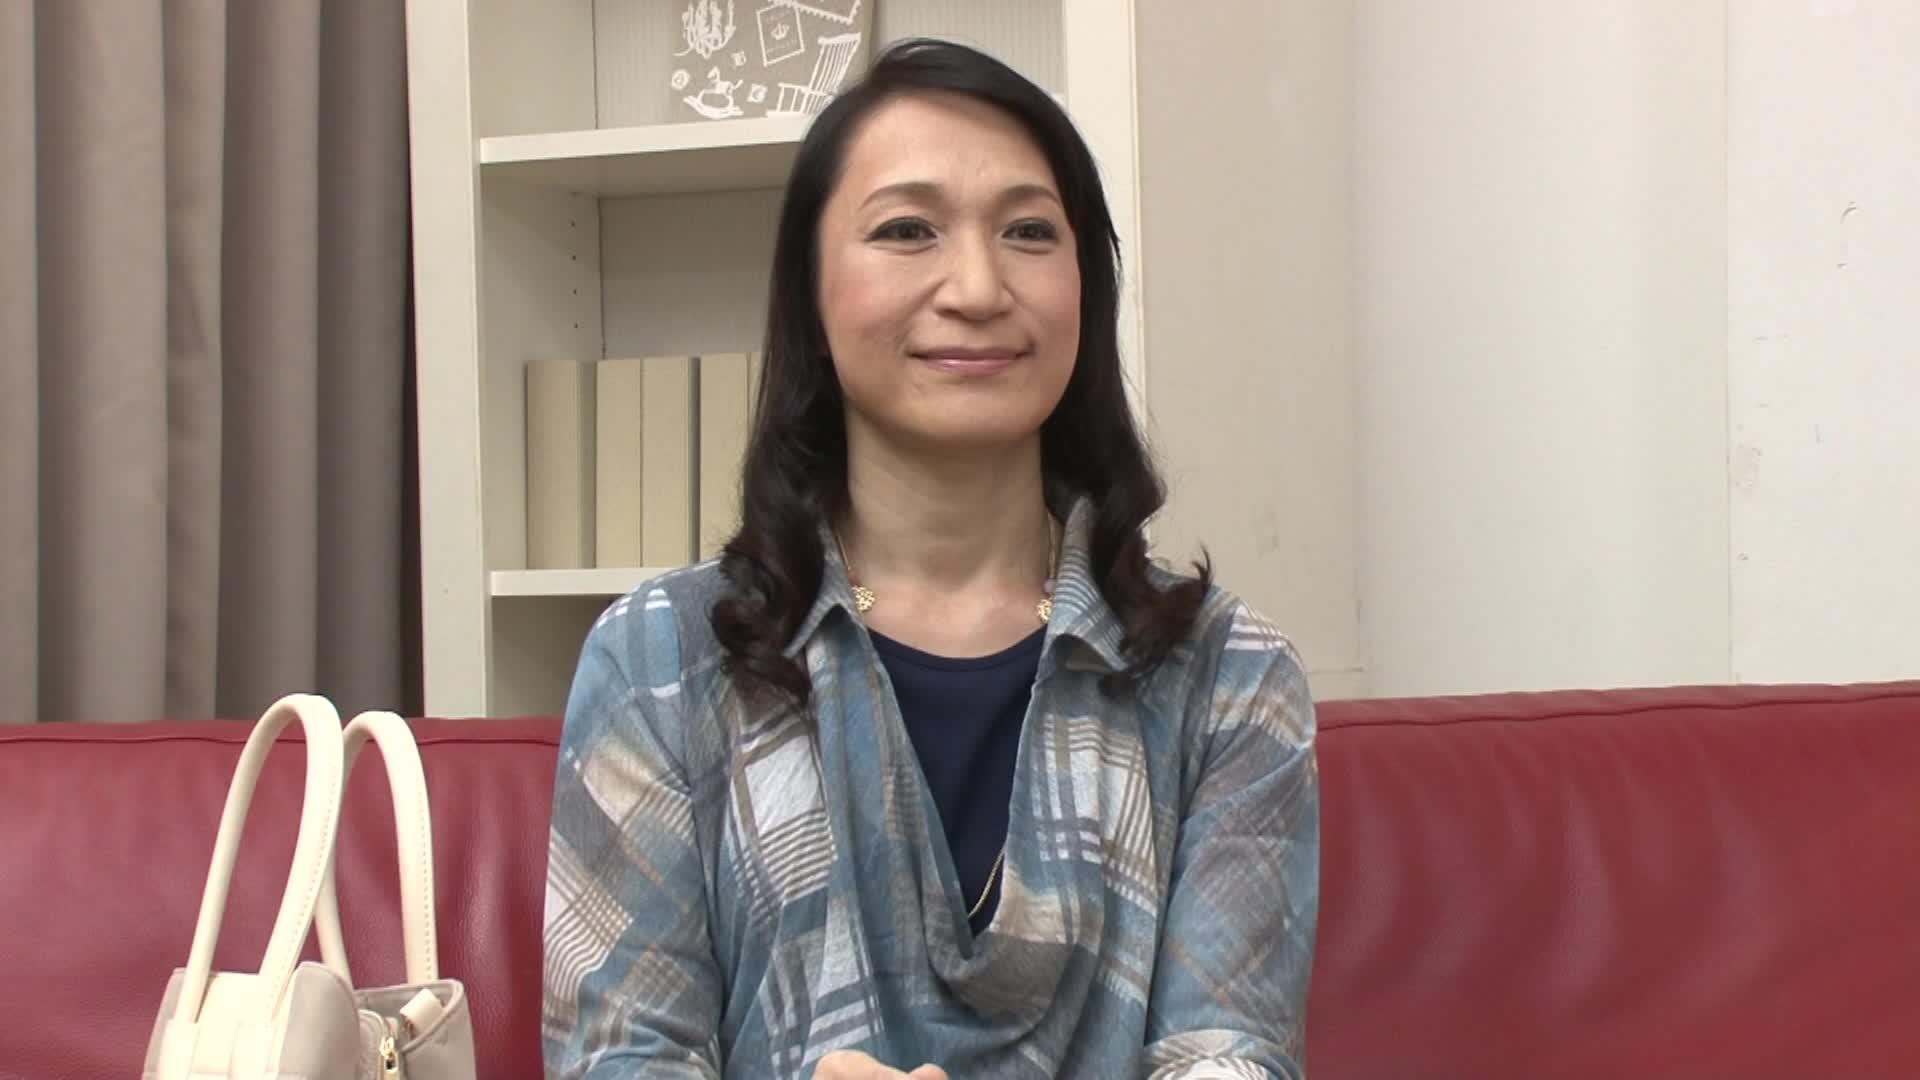 【本田茉莉奈】五十路の人妻が初脱ぎ初撮りAVデビューする素人企画